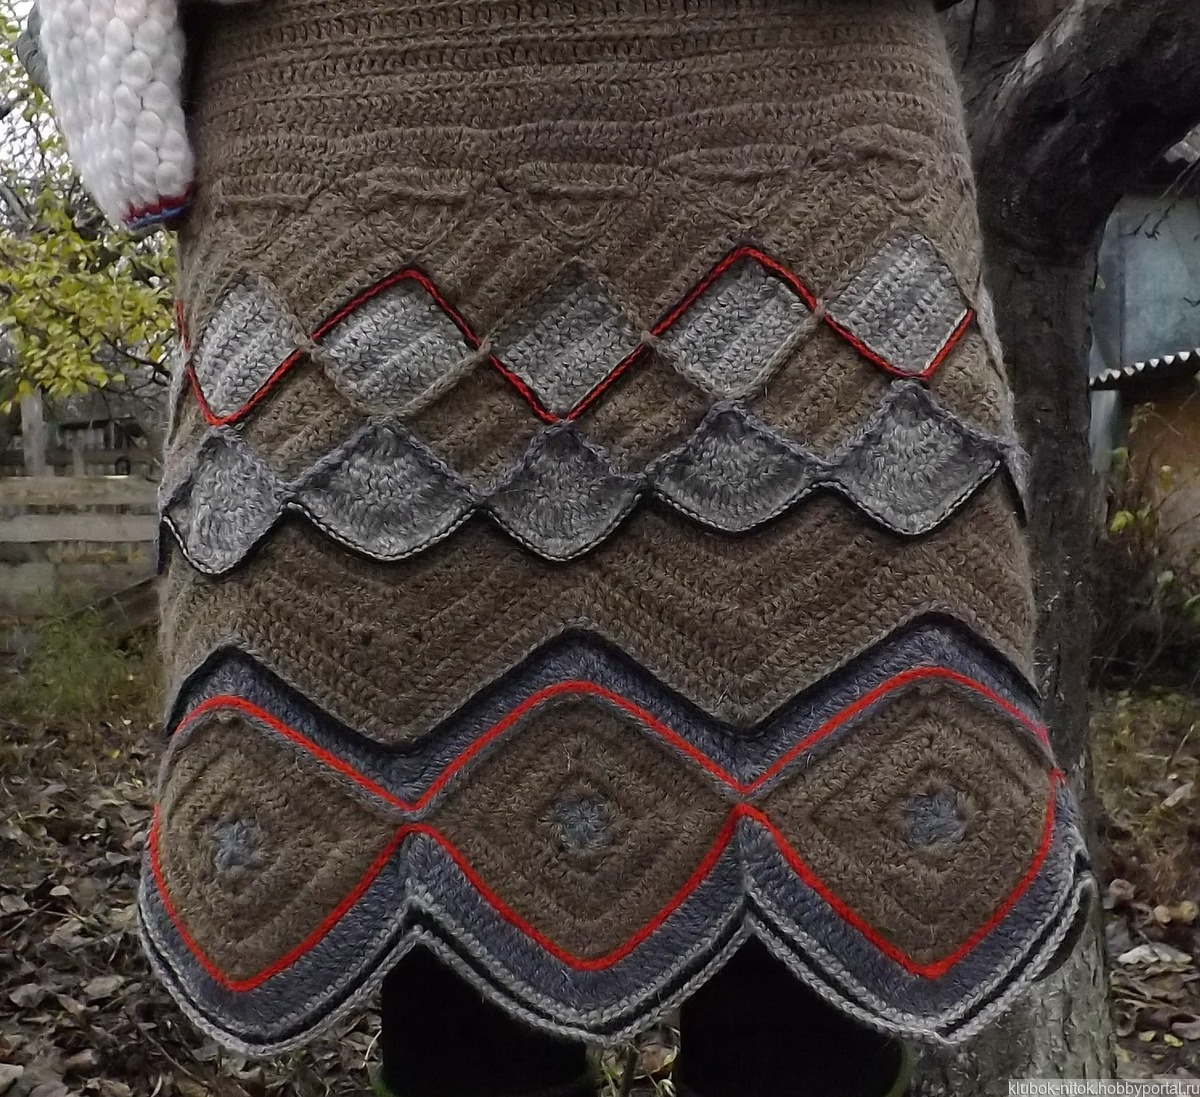 fe8662e52b4 Вязаная шерстяная юбка. Юбка из верблюжьей пряжи. Теплая юбка крючок ручной  работы на заказ